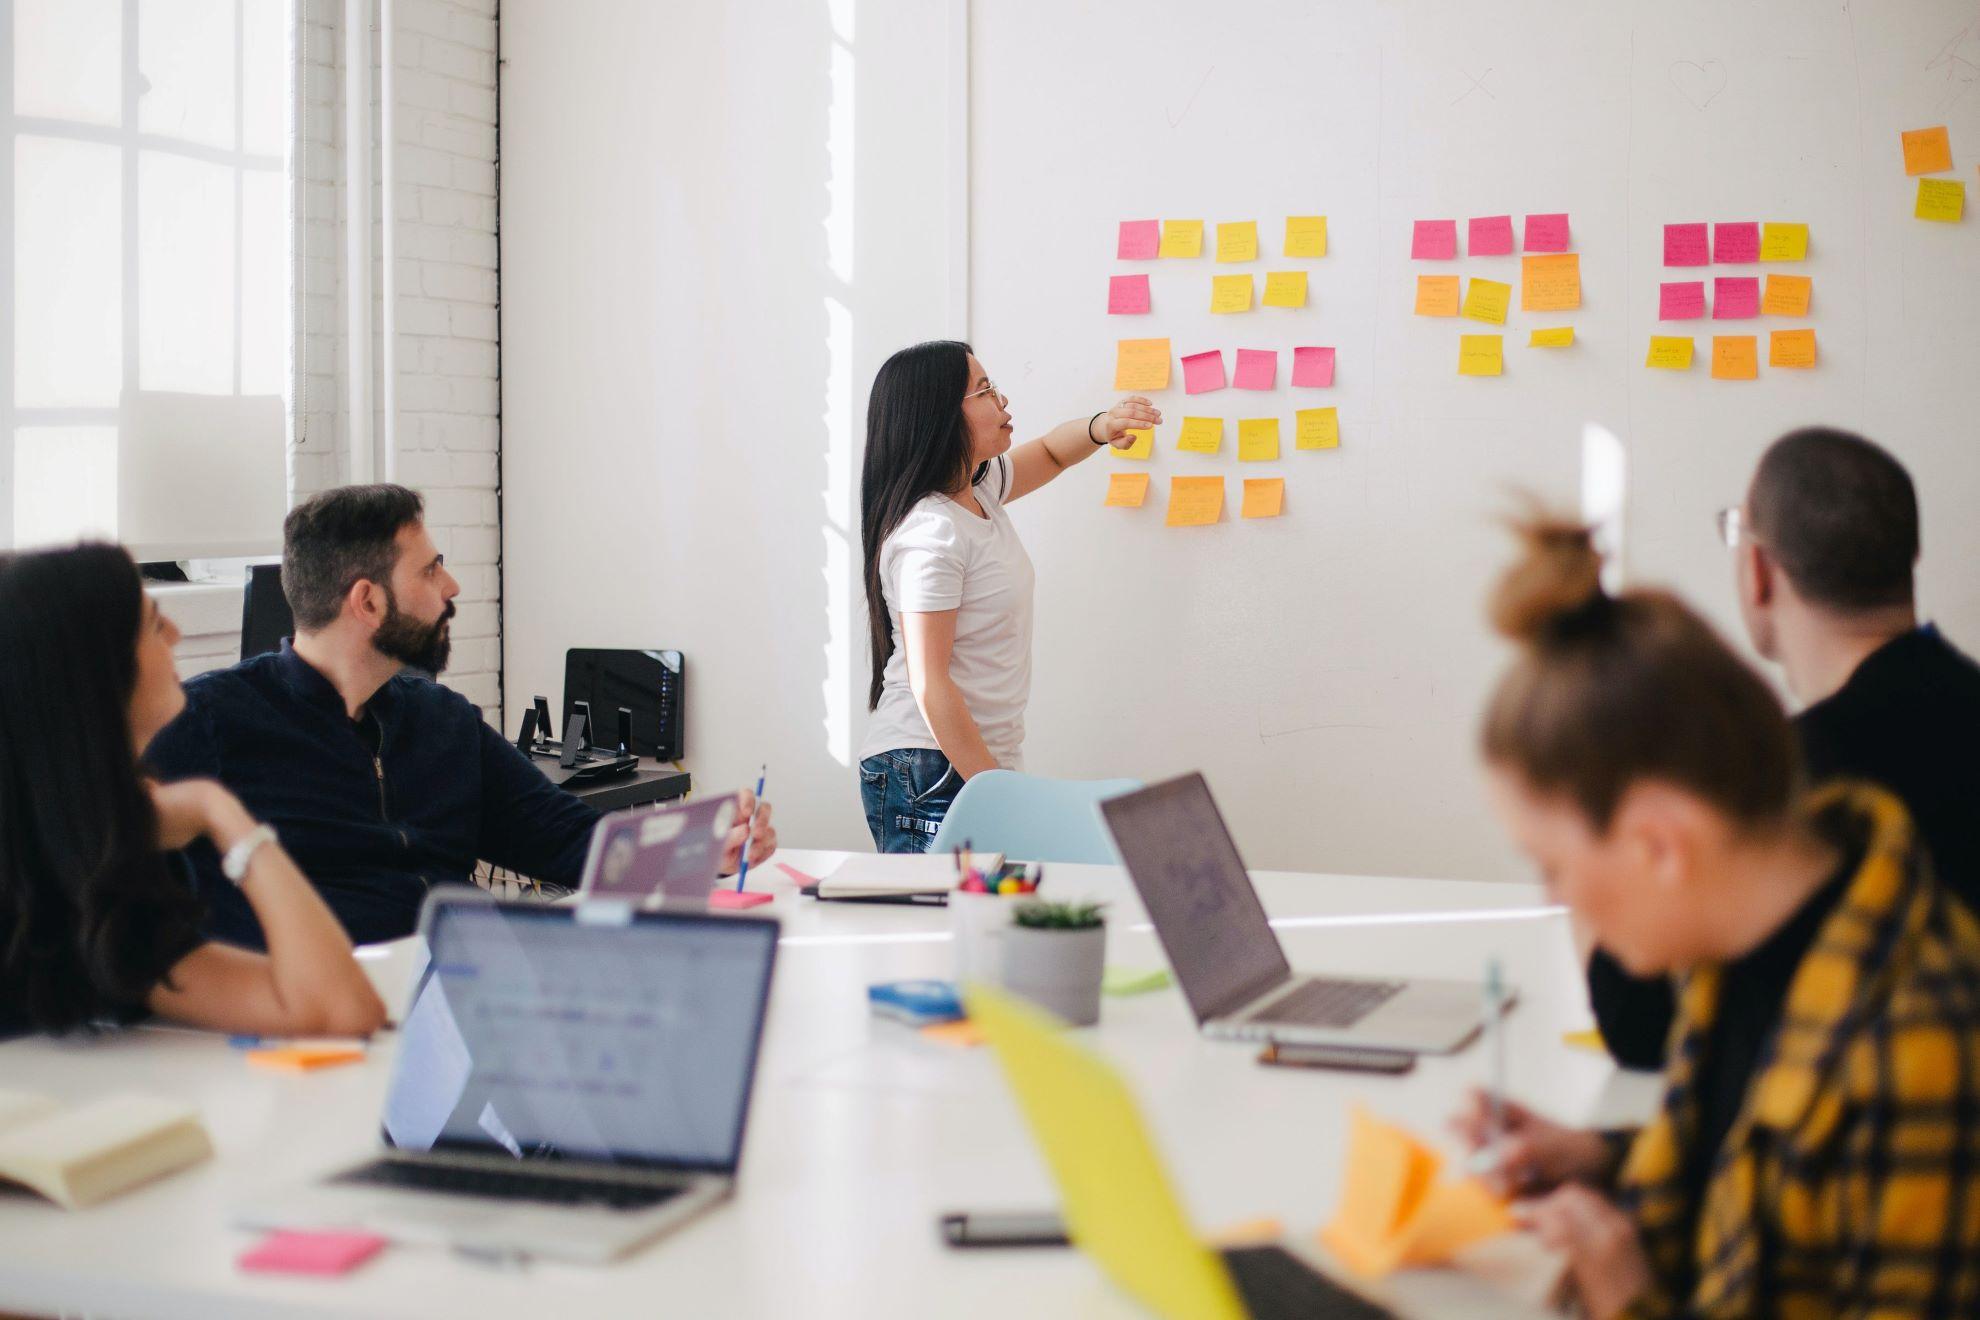 eLearning development